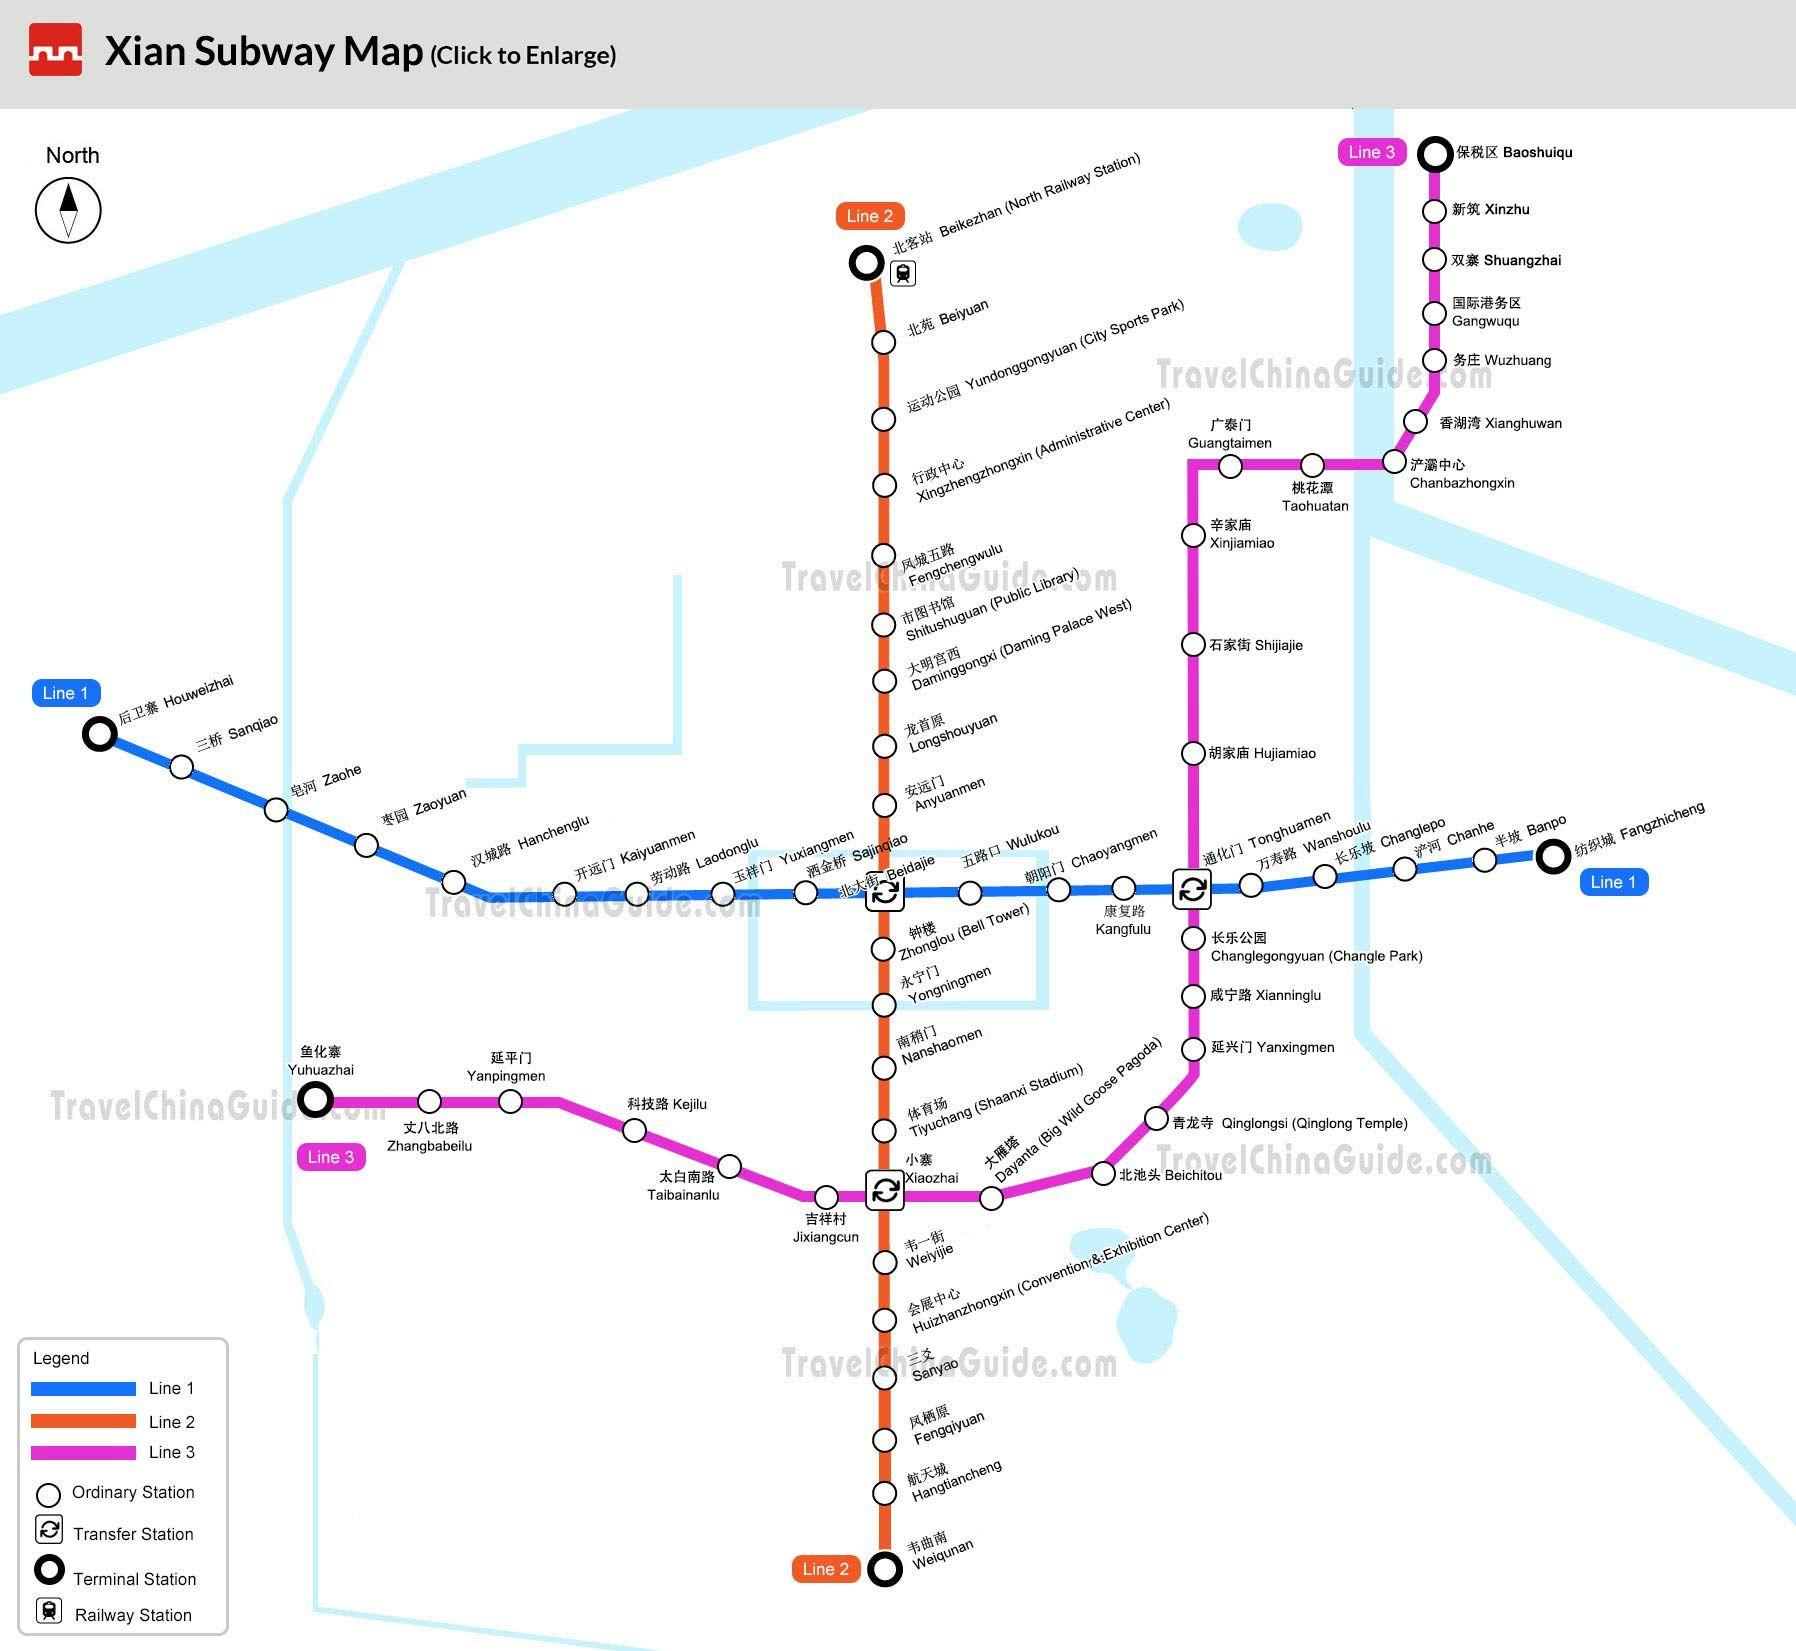 Xian Subway Jpg 1 796 1 651 Pixels